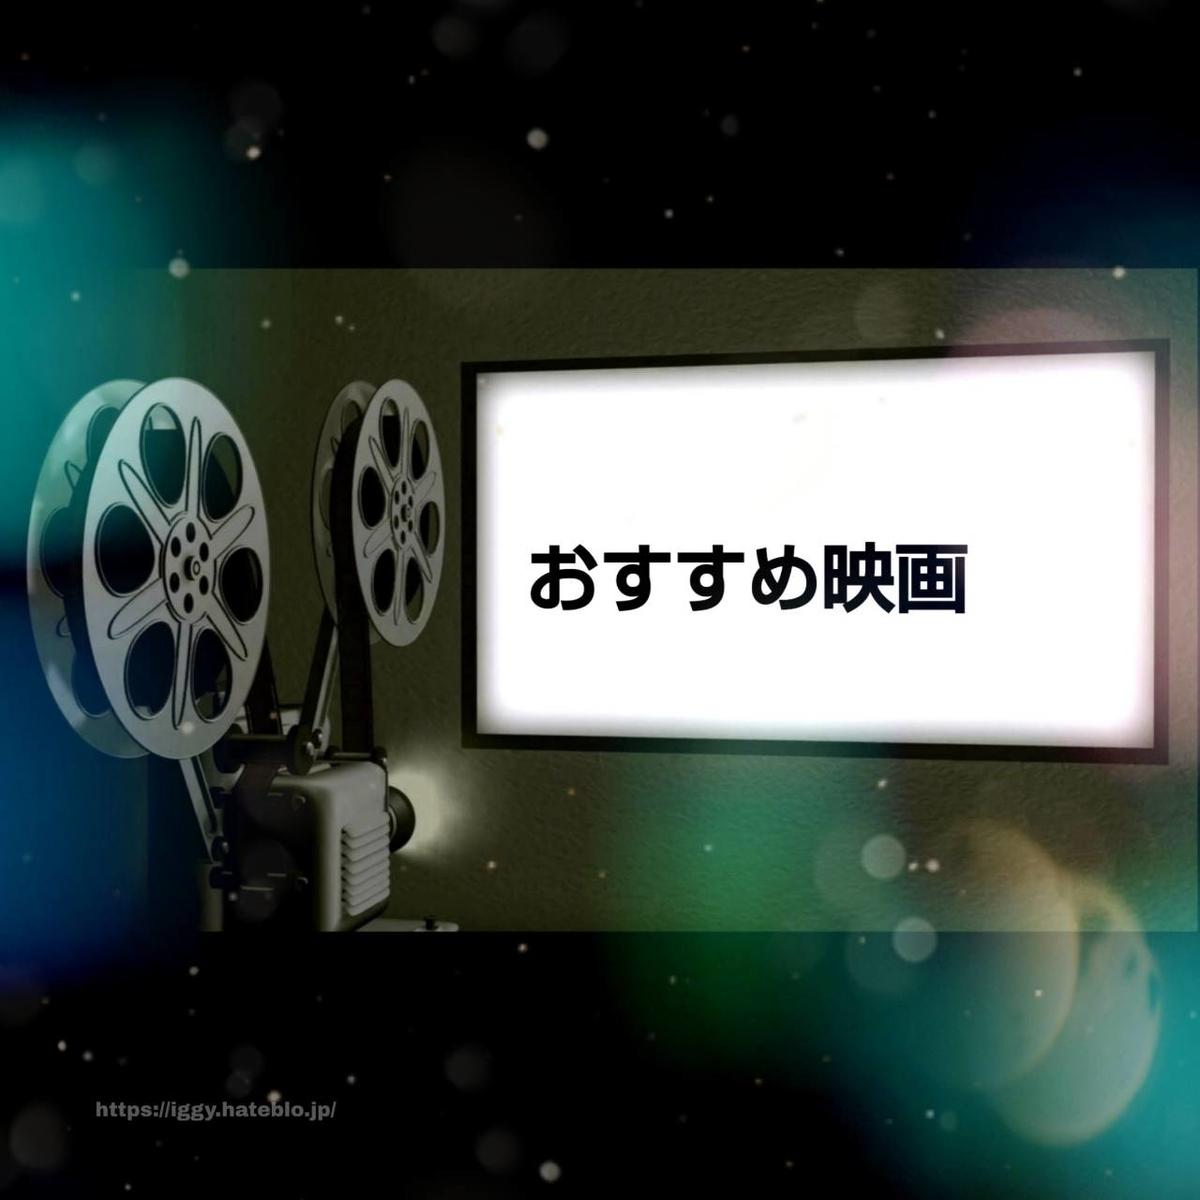 おすすめ映画 iggy2019